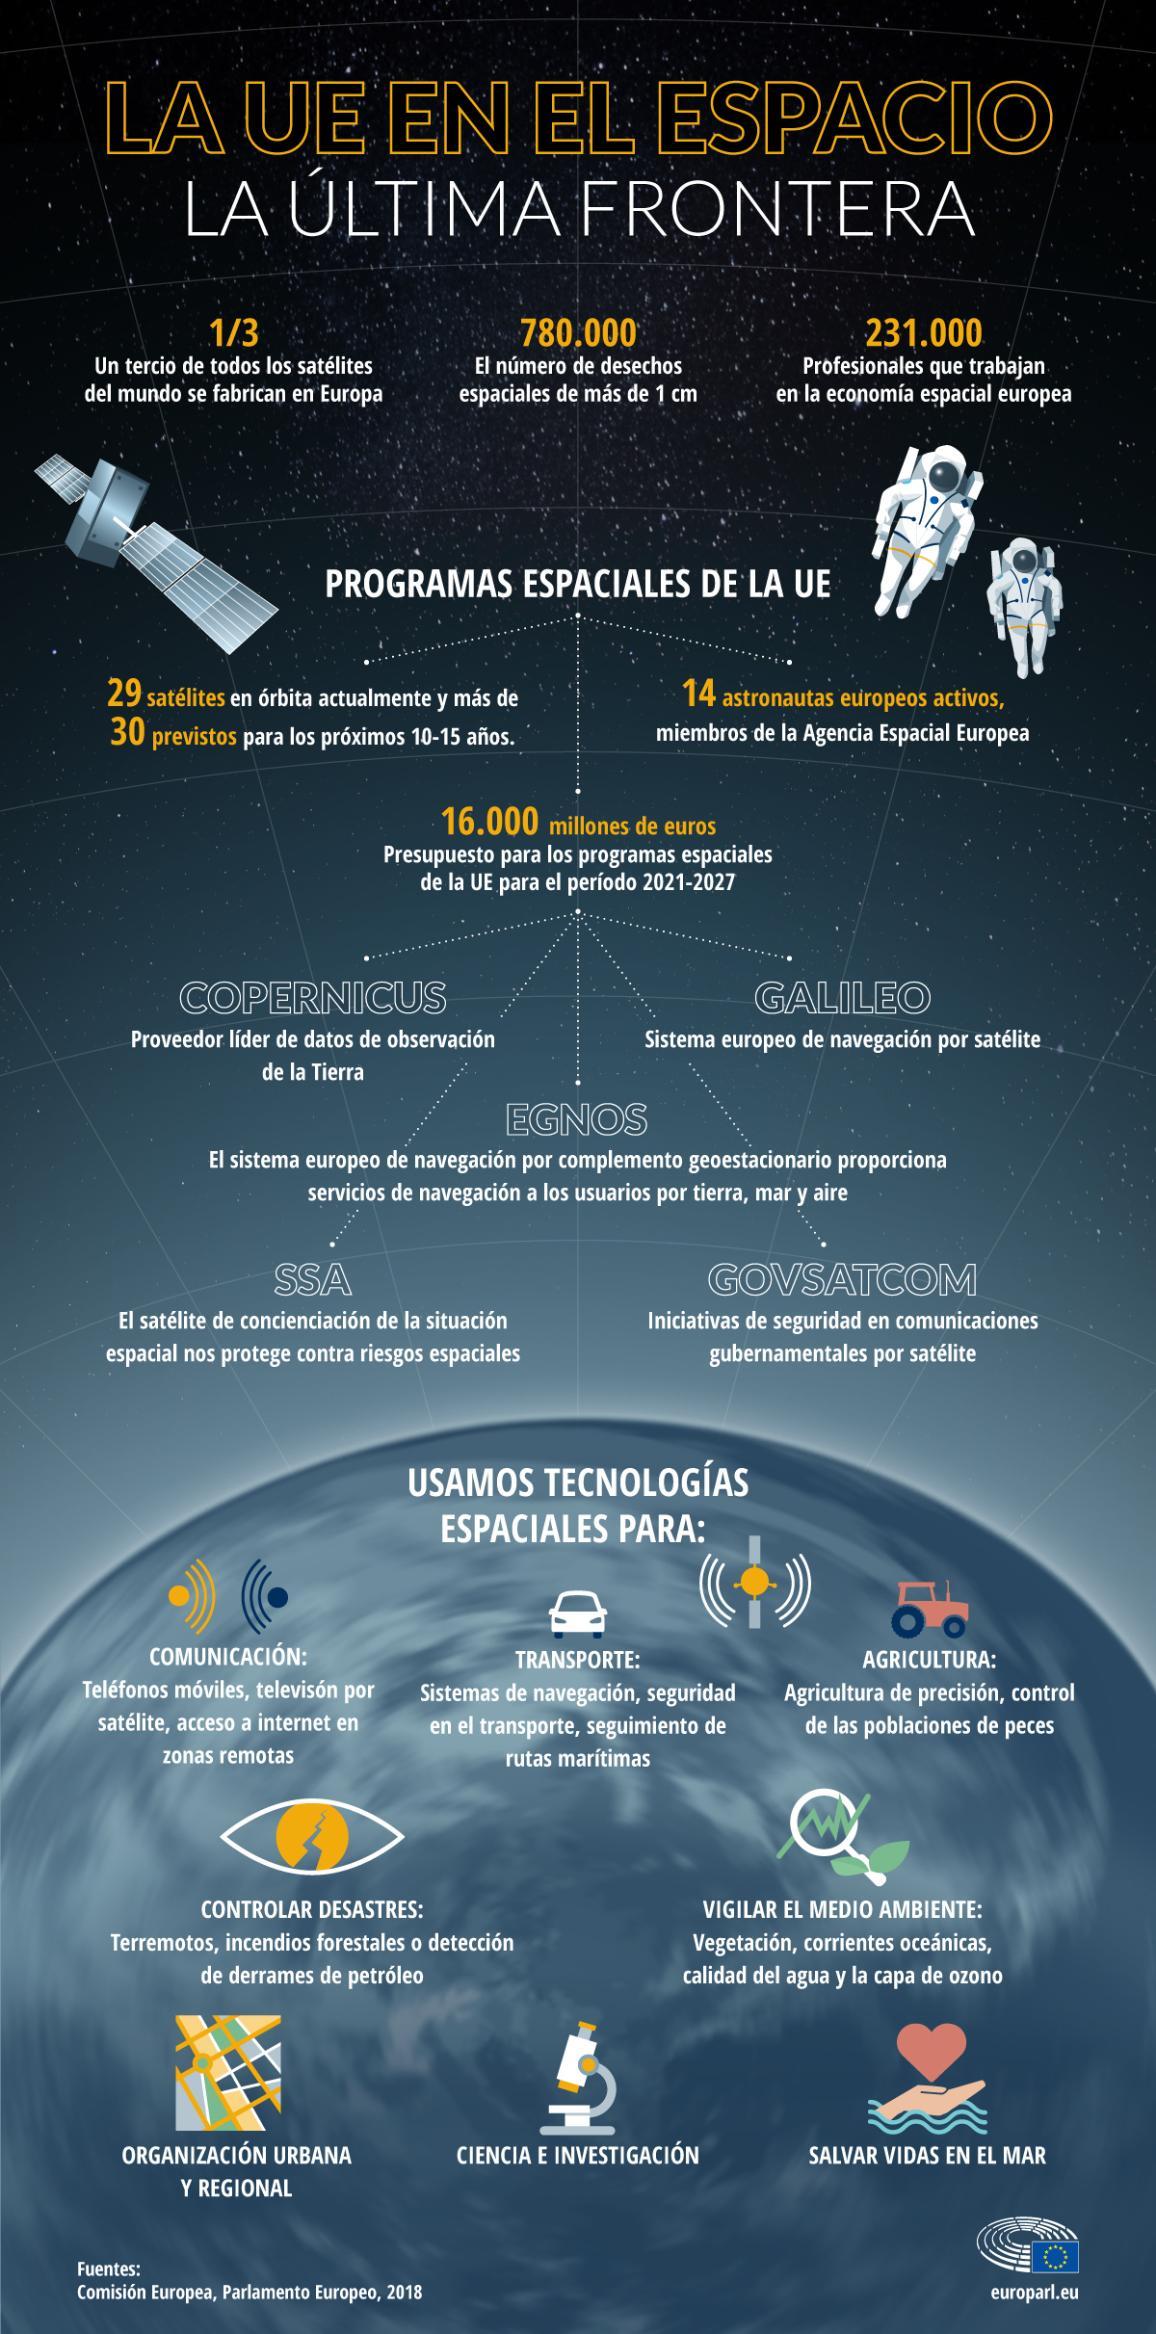 Infografía sobre la capacidad espacial de la UE